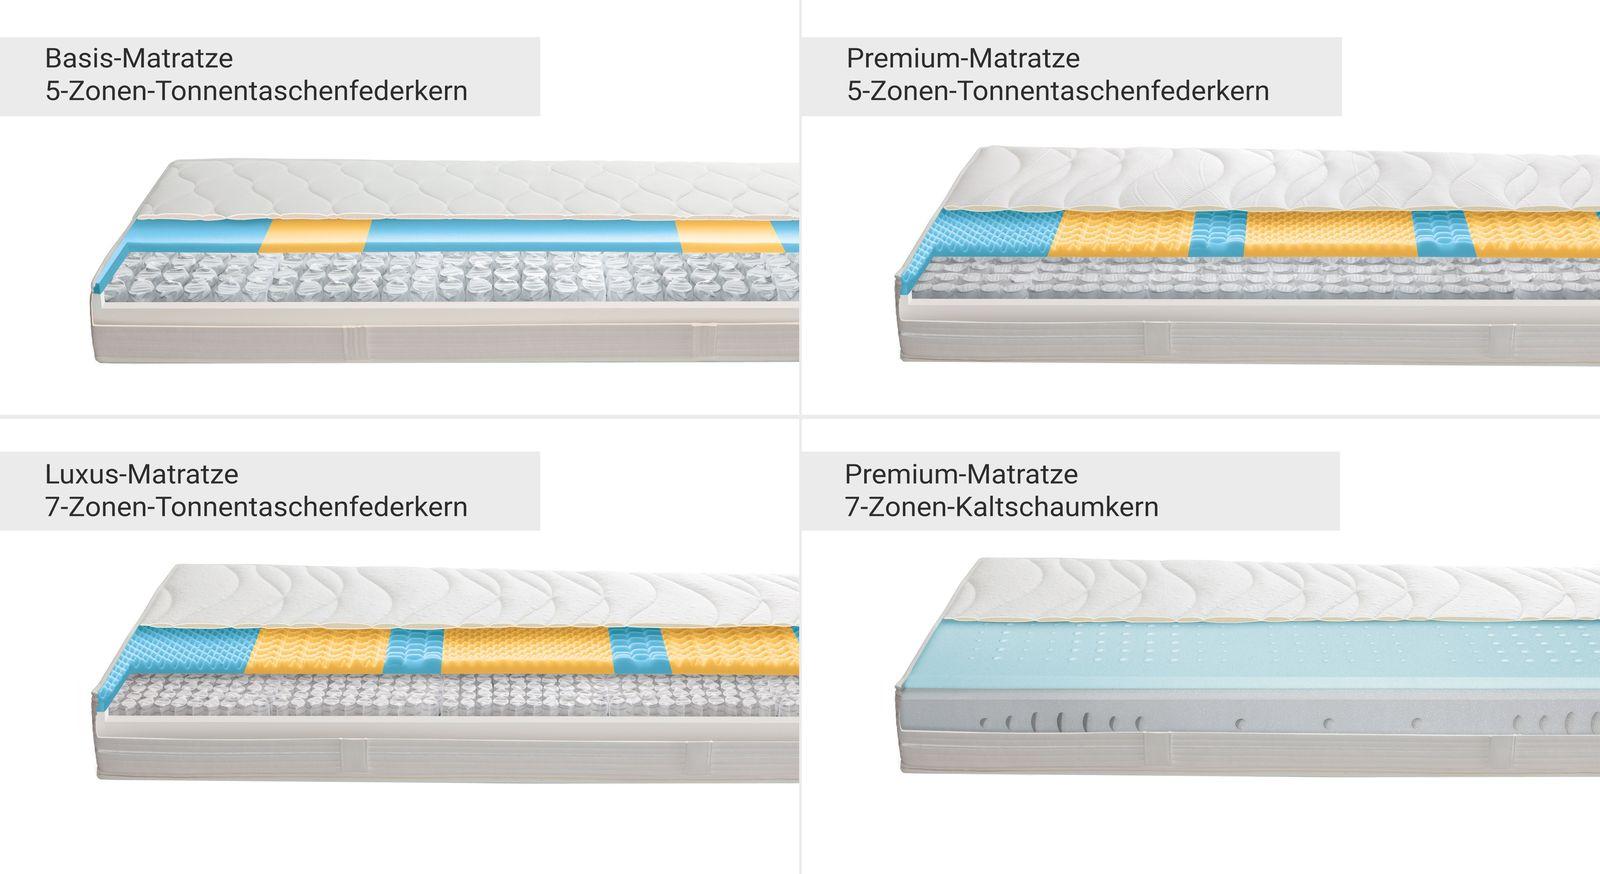 Praktische Matratzen-Übersicht mit Kern